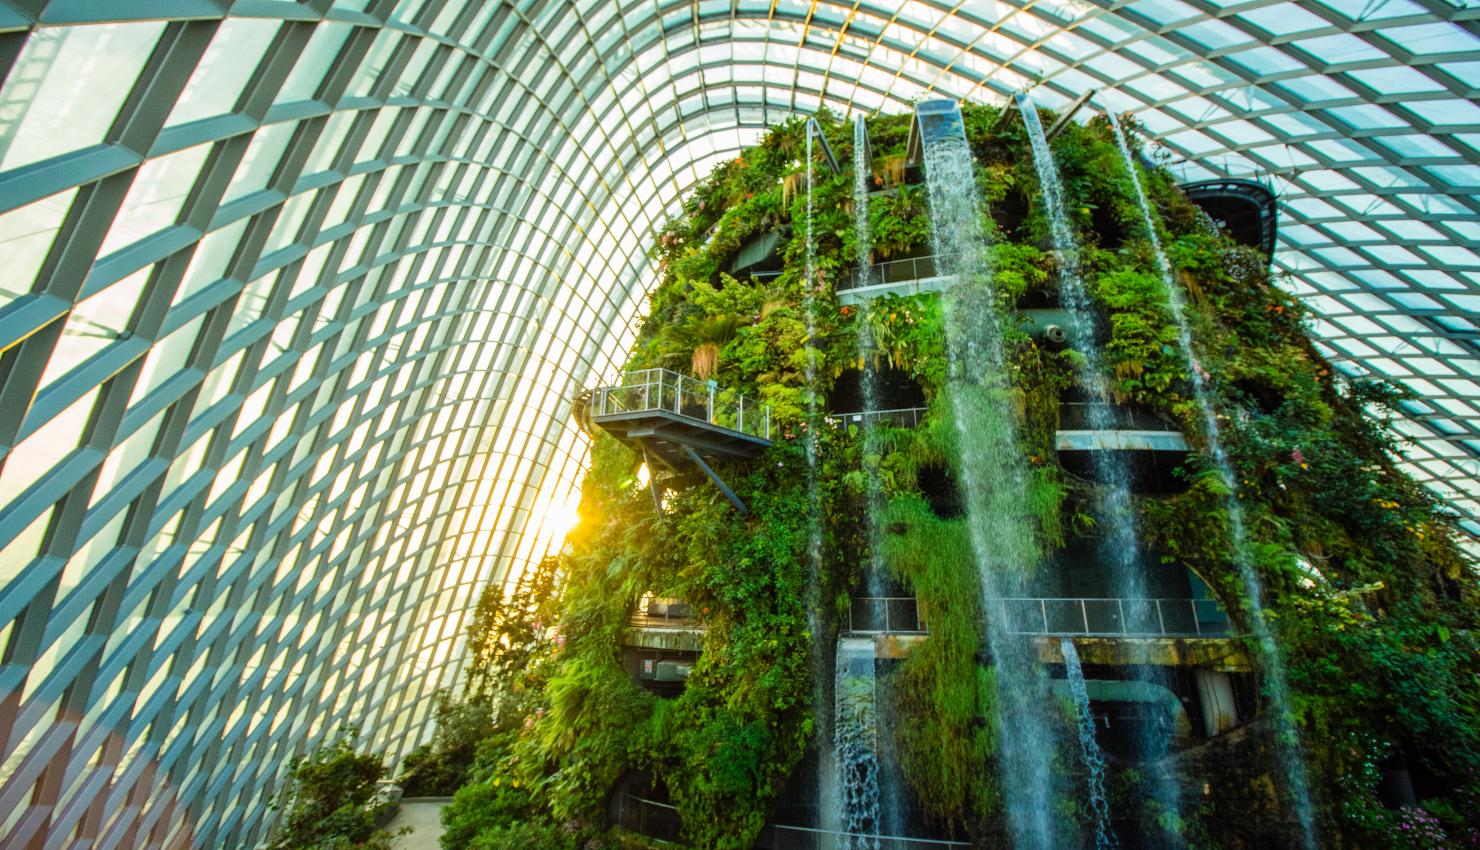 gardensbythebay4-magazinehorse.jpg